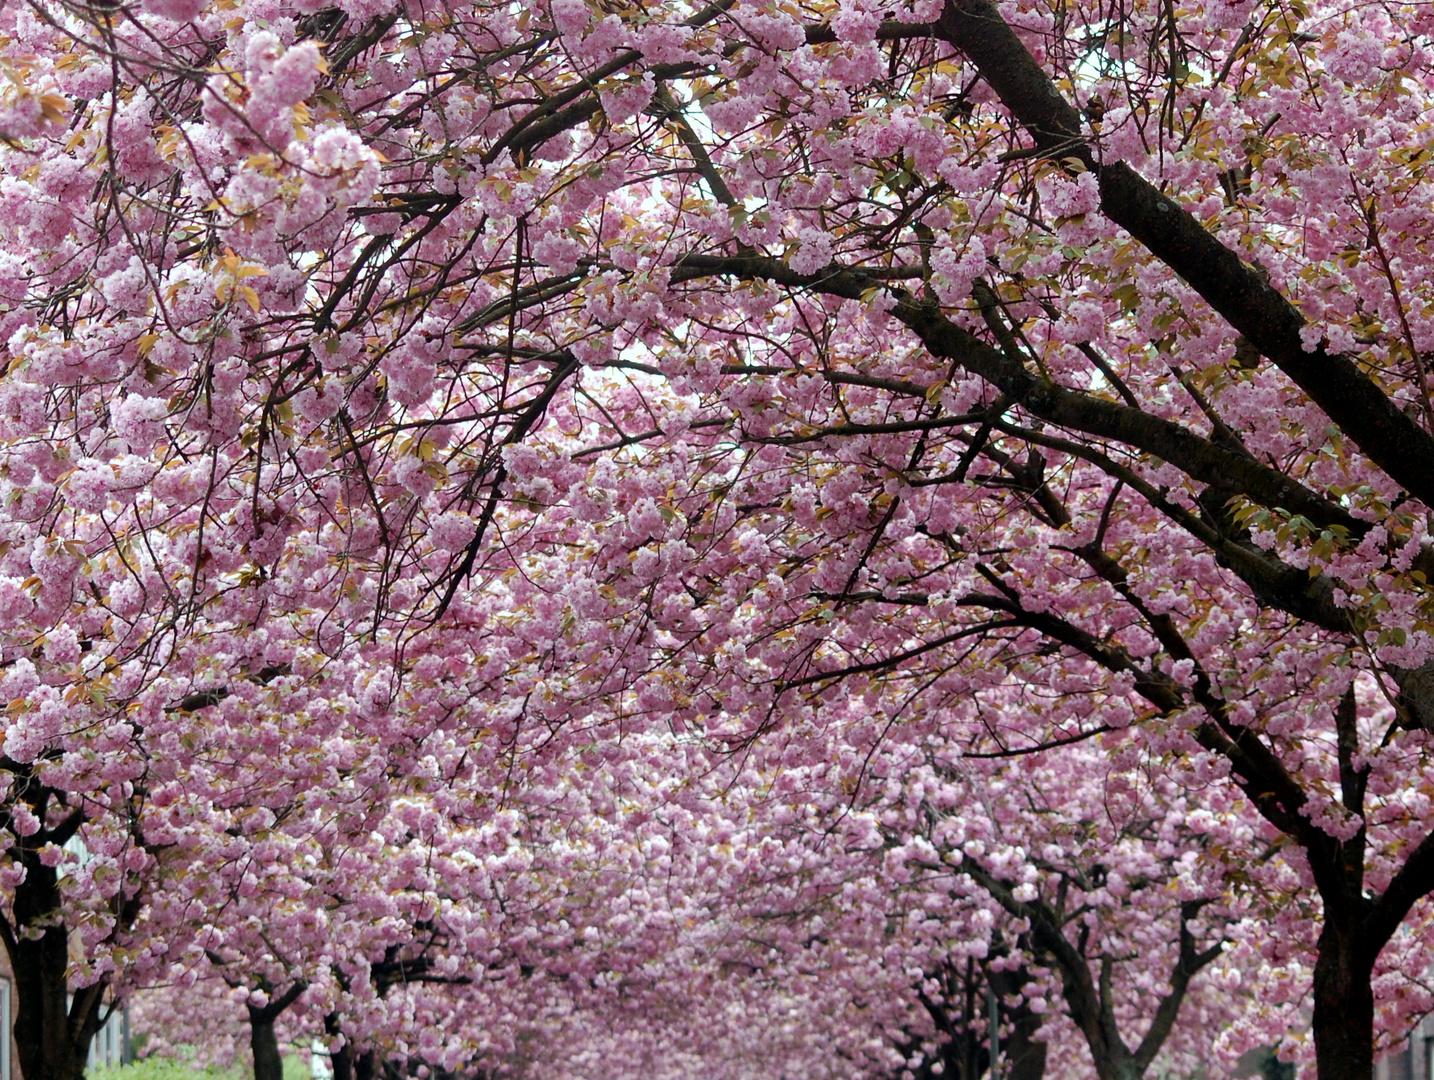 Kirschen japanische Zierkirschen pflanzen